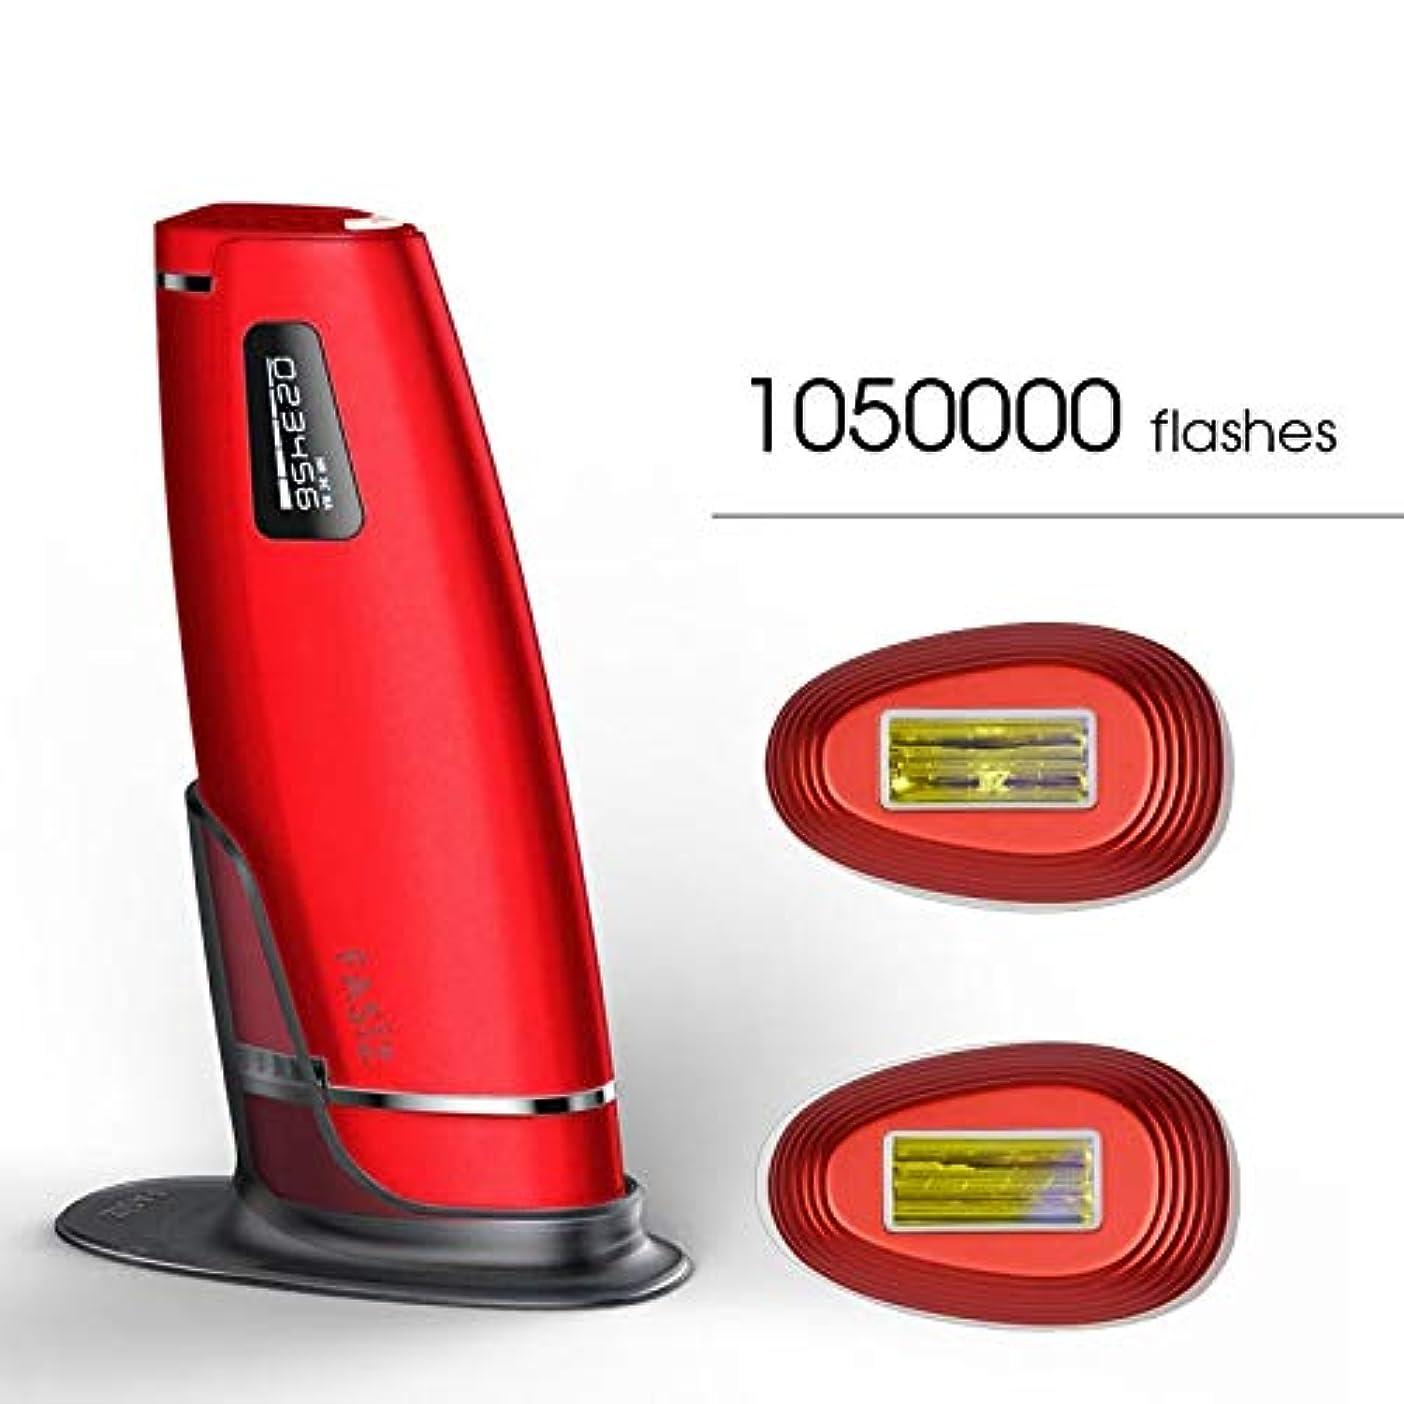 列車チャート悪質なFANPING 3in1の1050000pulsed IPLレーザー脱毛デバイス永久脱毛IPLレーザー脱毛器脇脱毛機 (Color : 赤)